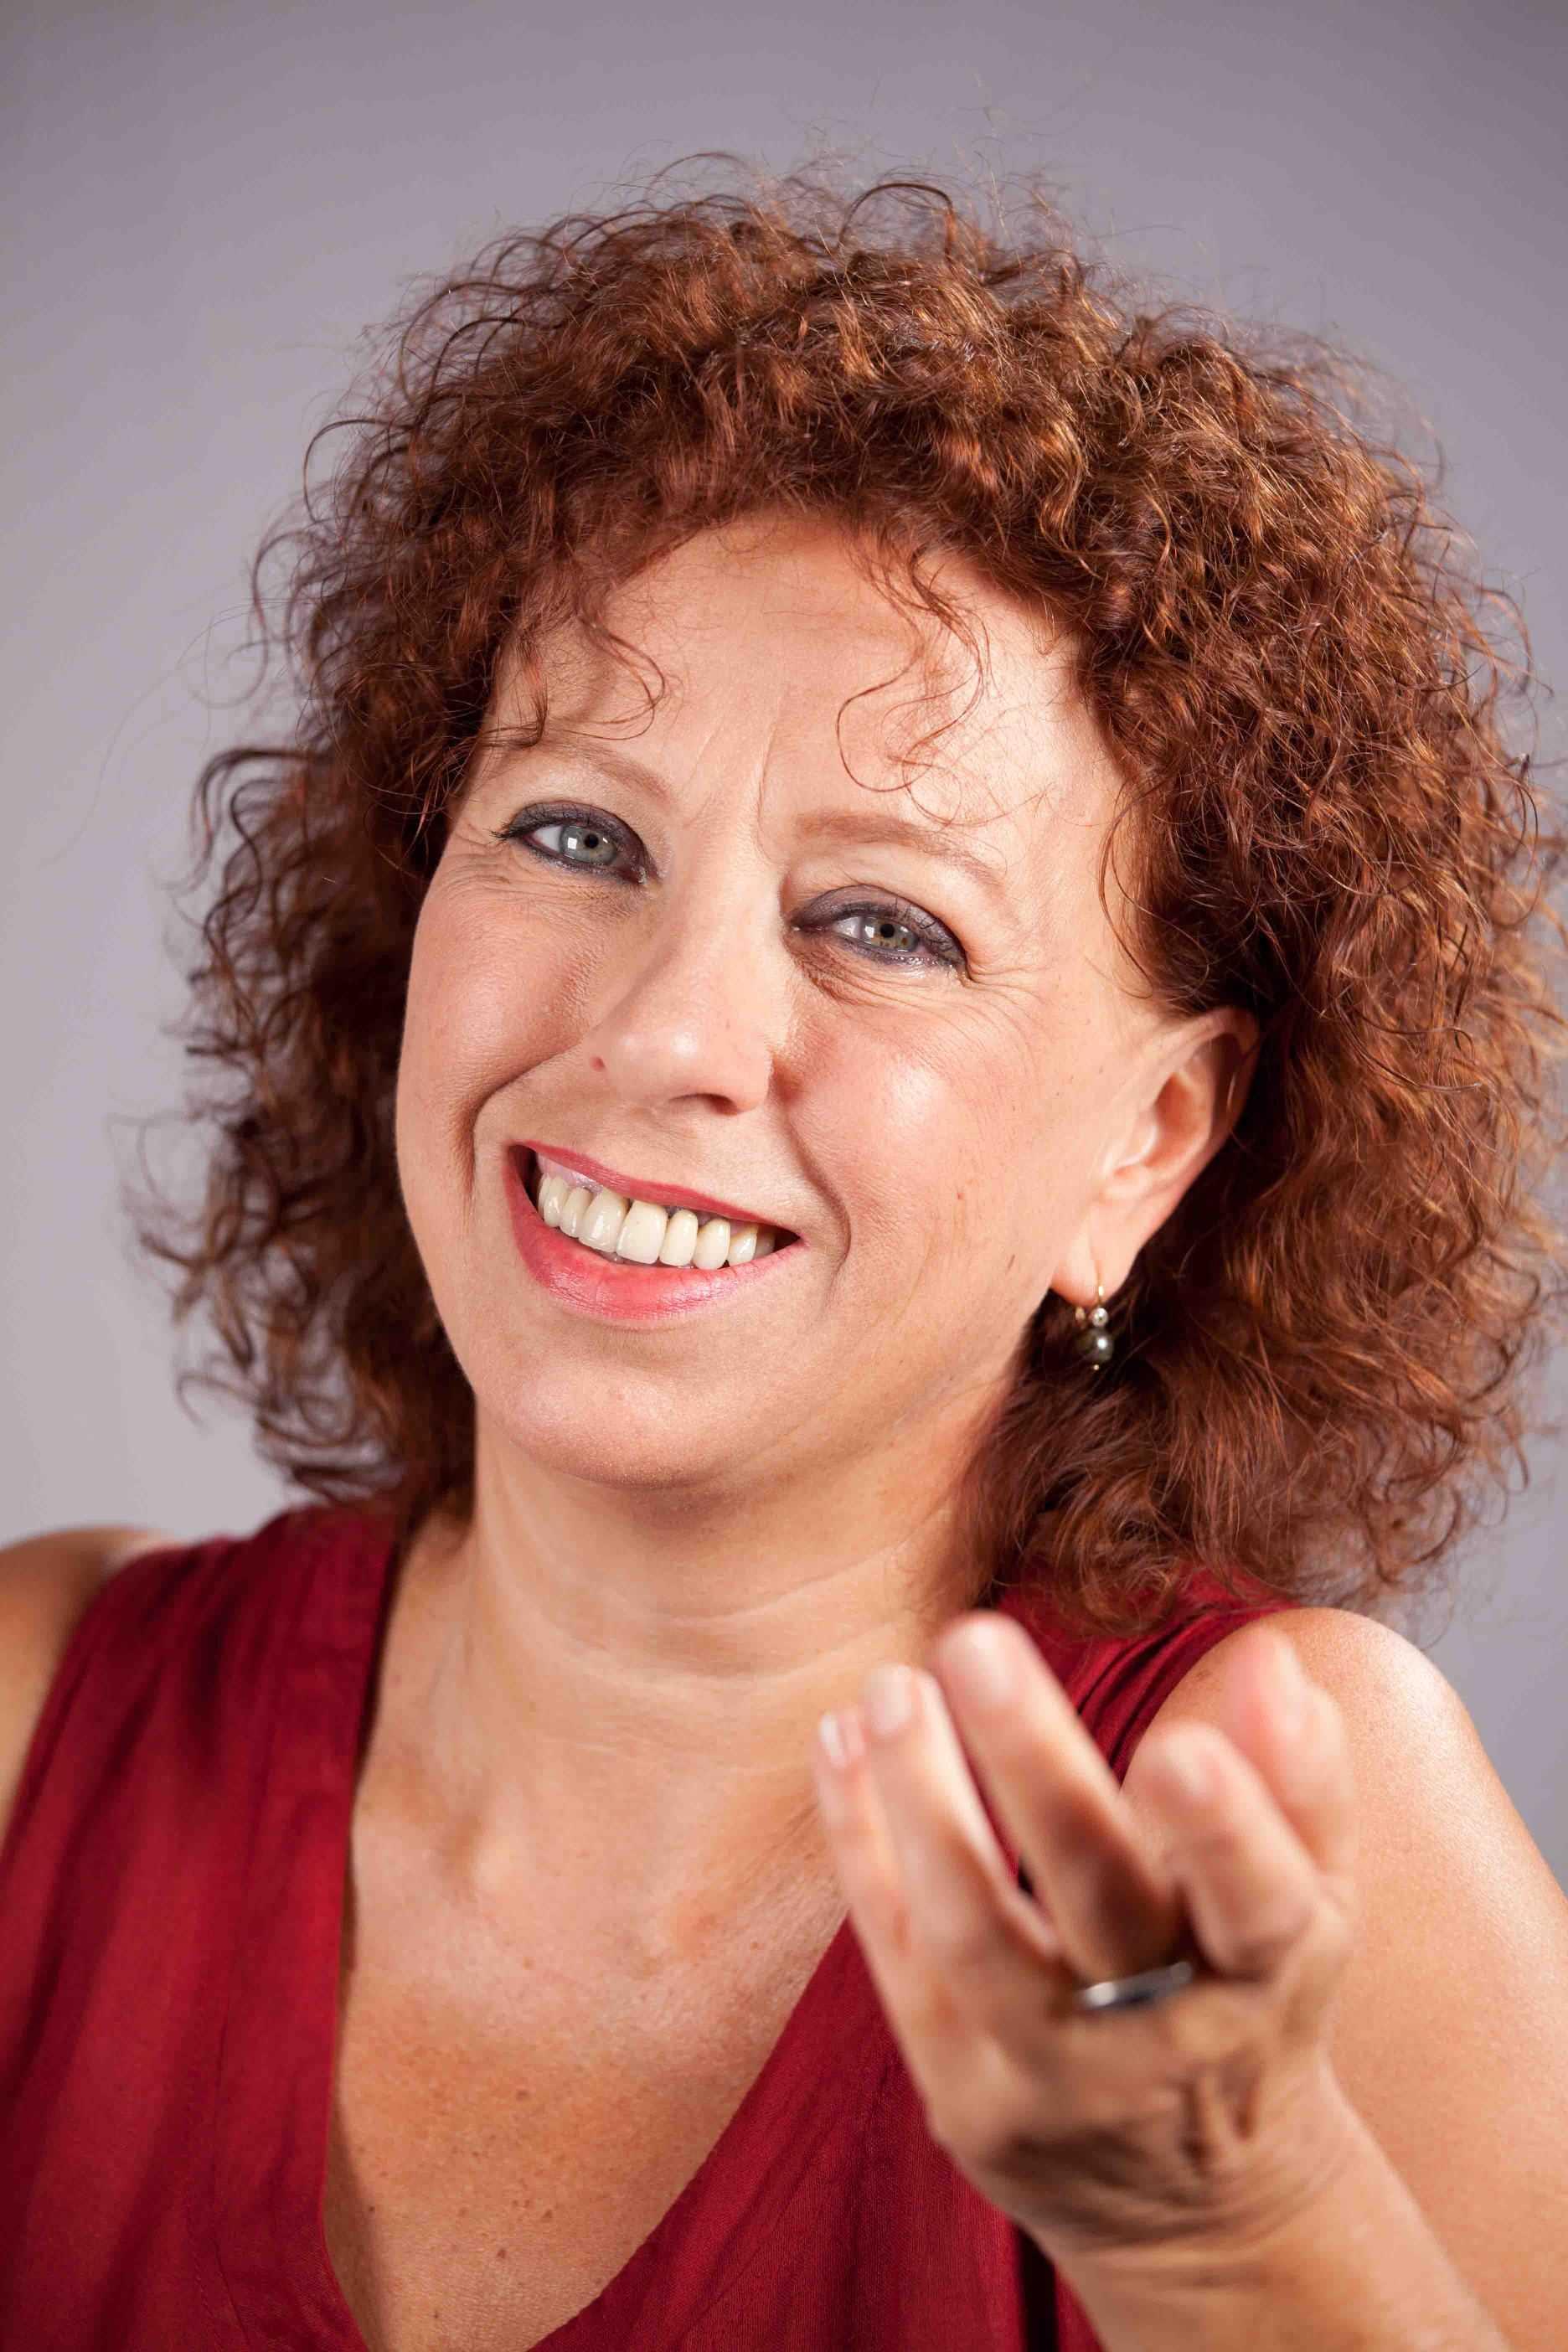 Paola Tiziana Cruciani nude photos 2019